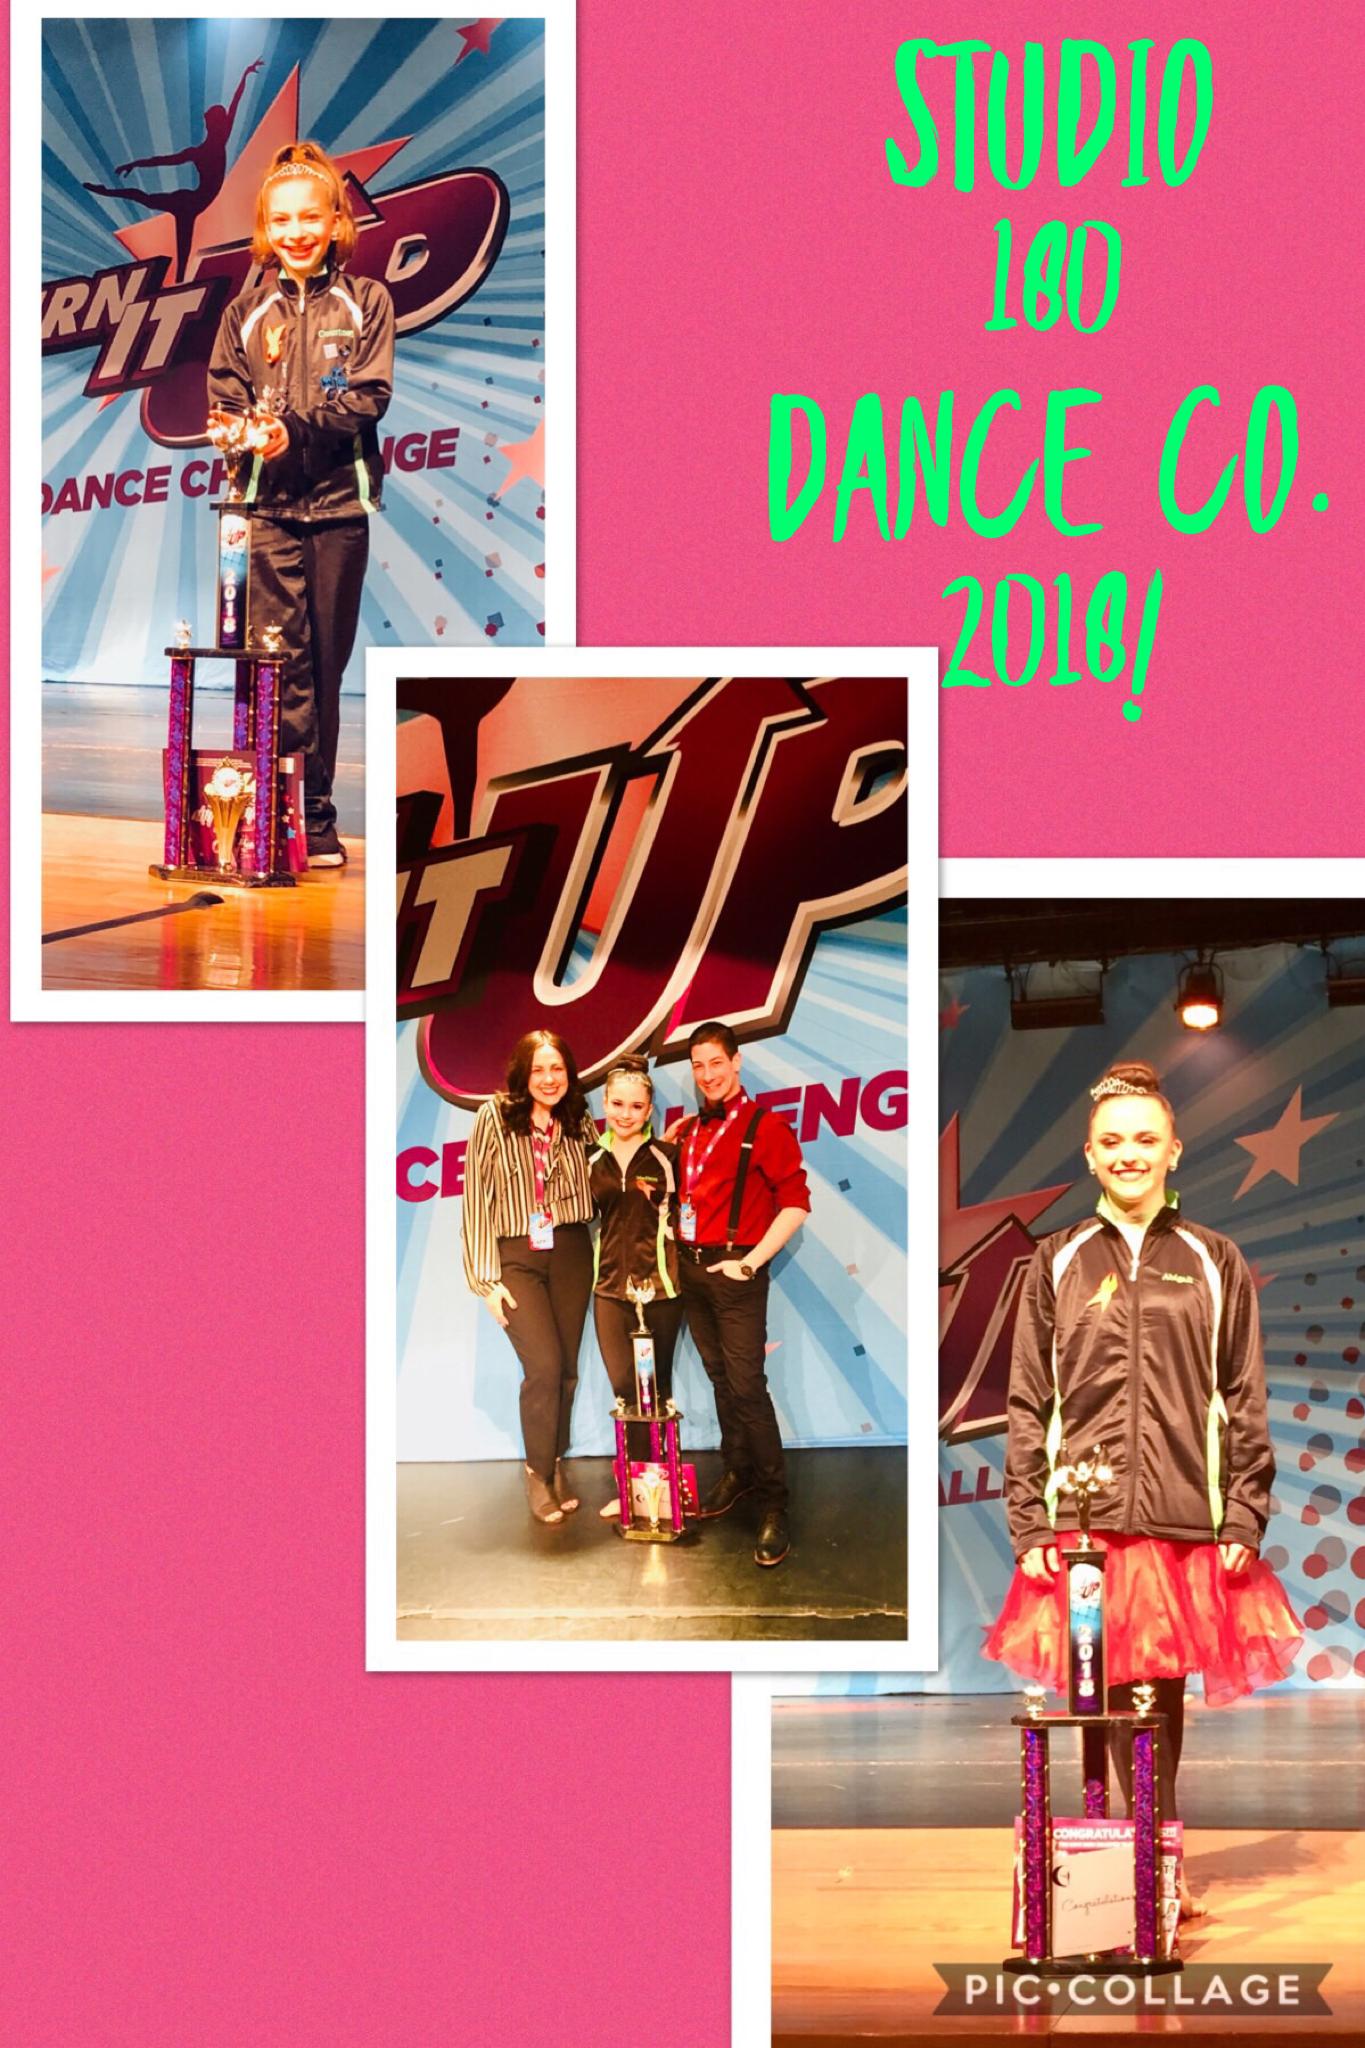 Miss Junior TIU Courtney Zwick, Miss Teen TIU Abigail Wagman, Miss Senior Teen TIU Madison Duley - 2018 Woodbridge Regional, Turn it Up Dance Competition